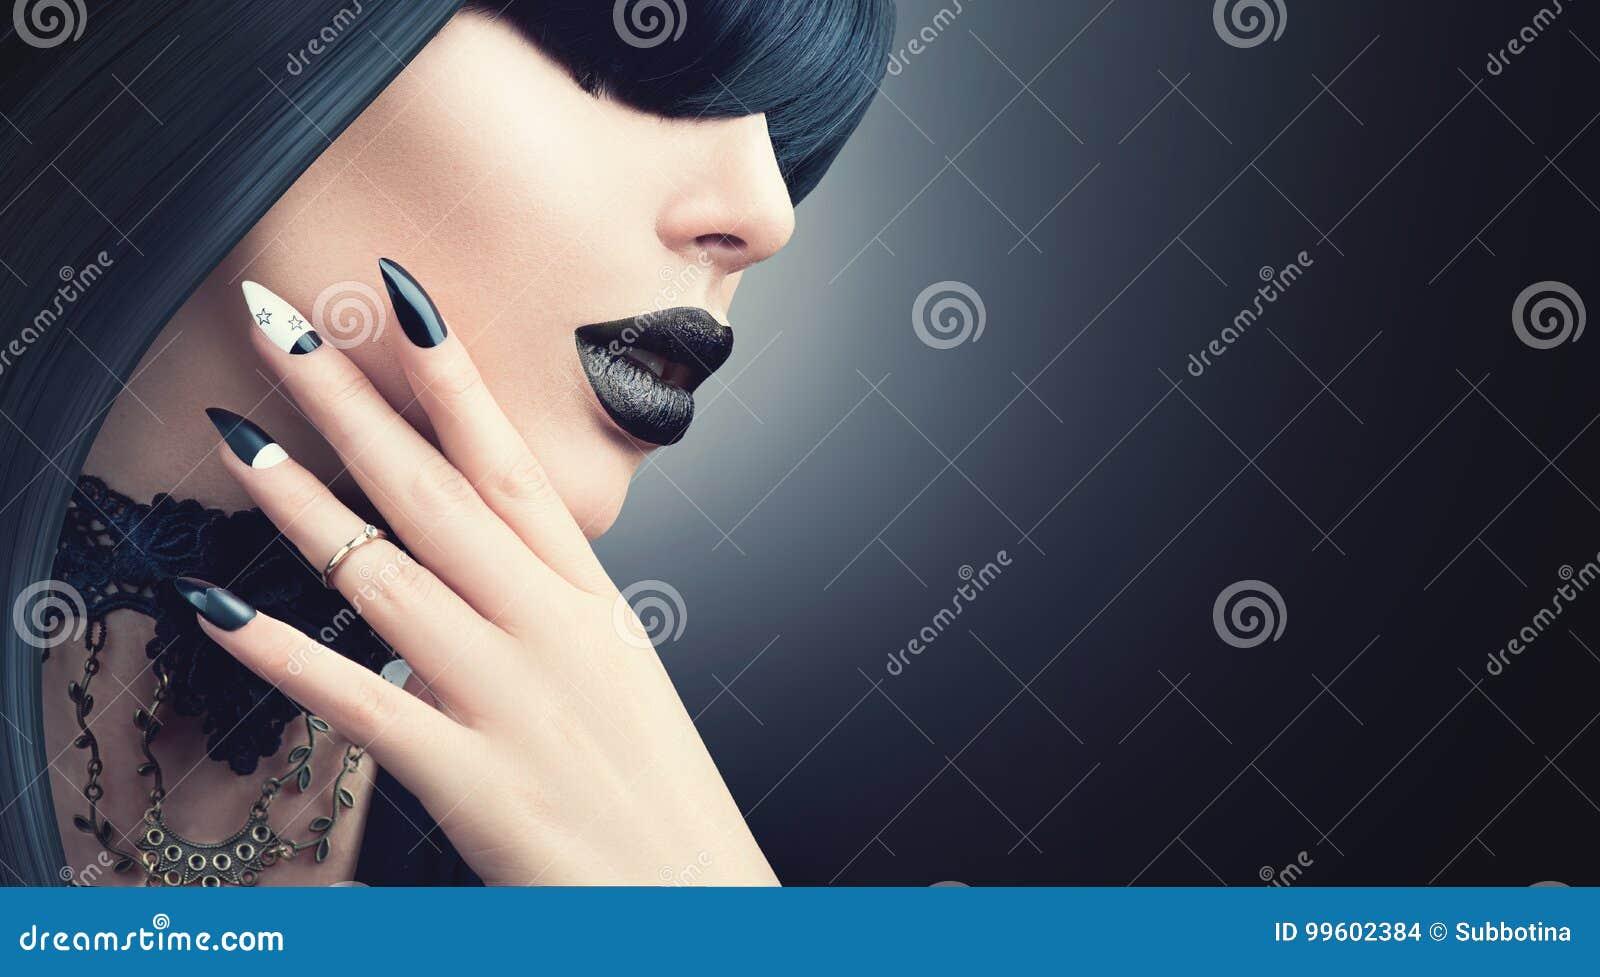 Het modelmeisje van manierhalloween met gotische zwarte kapsel, make-up en manicure